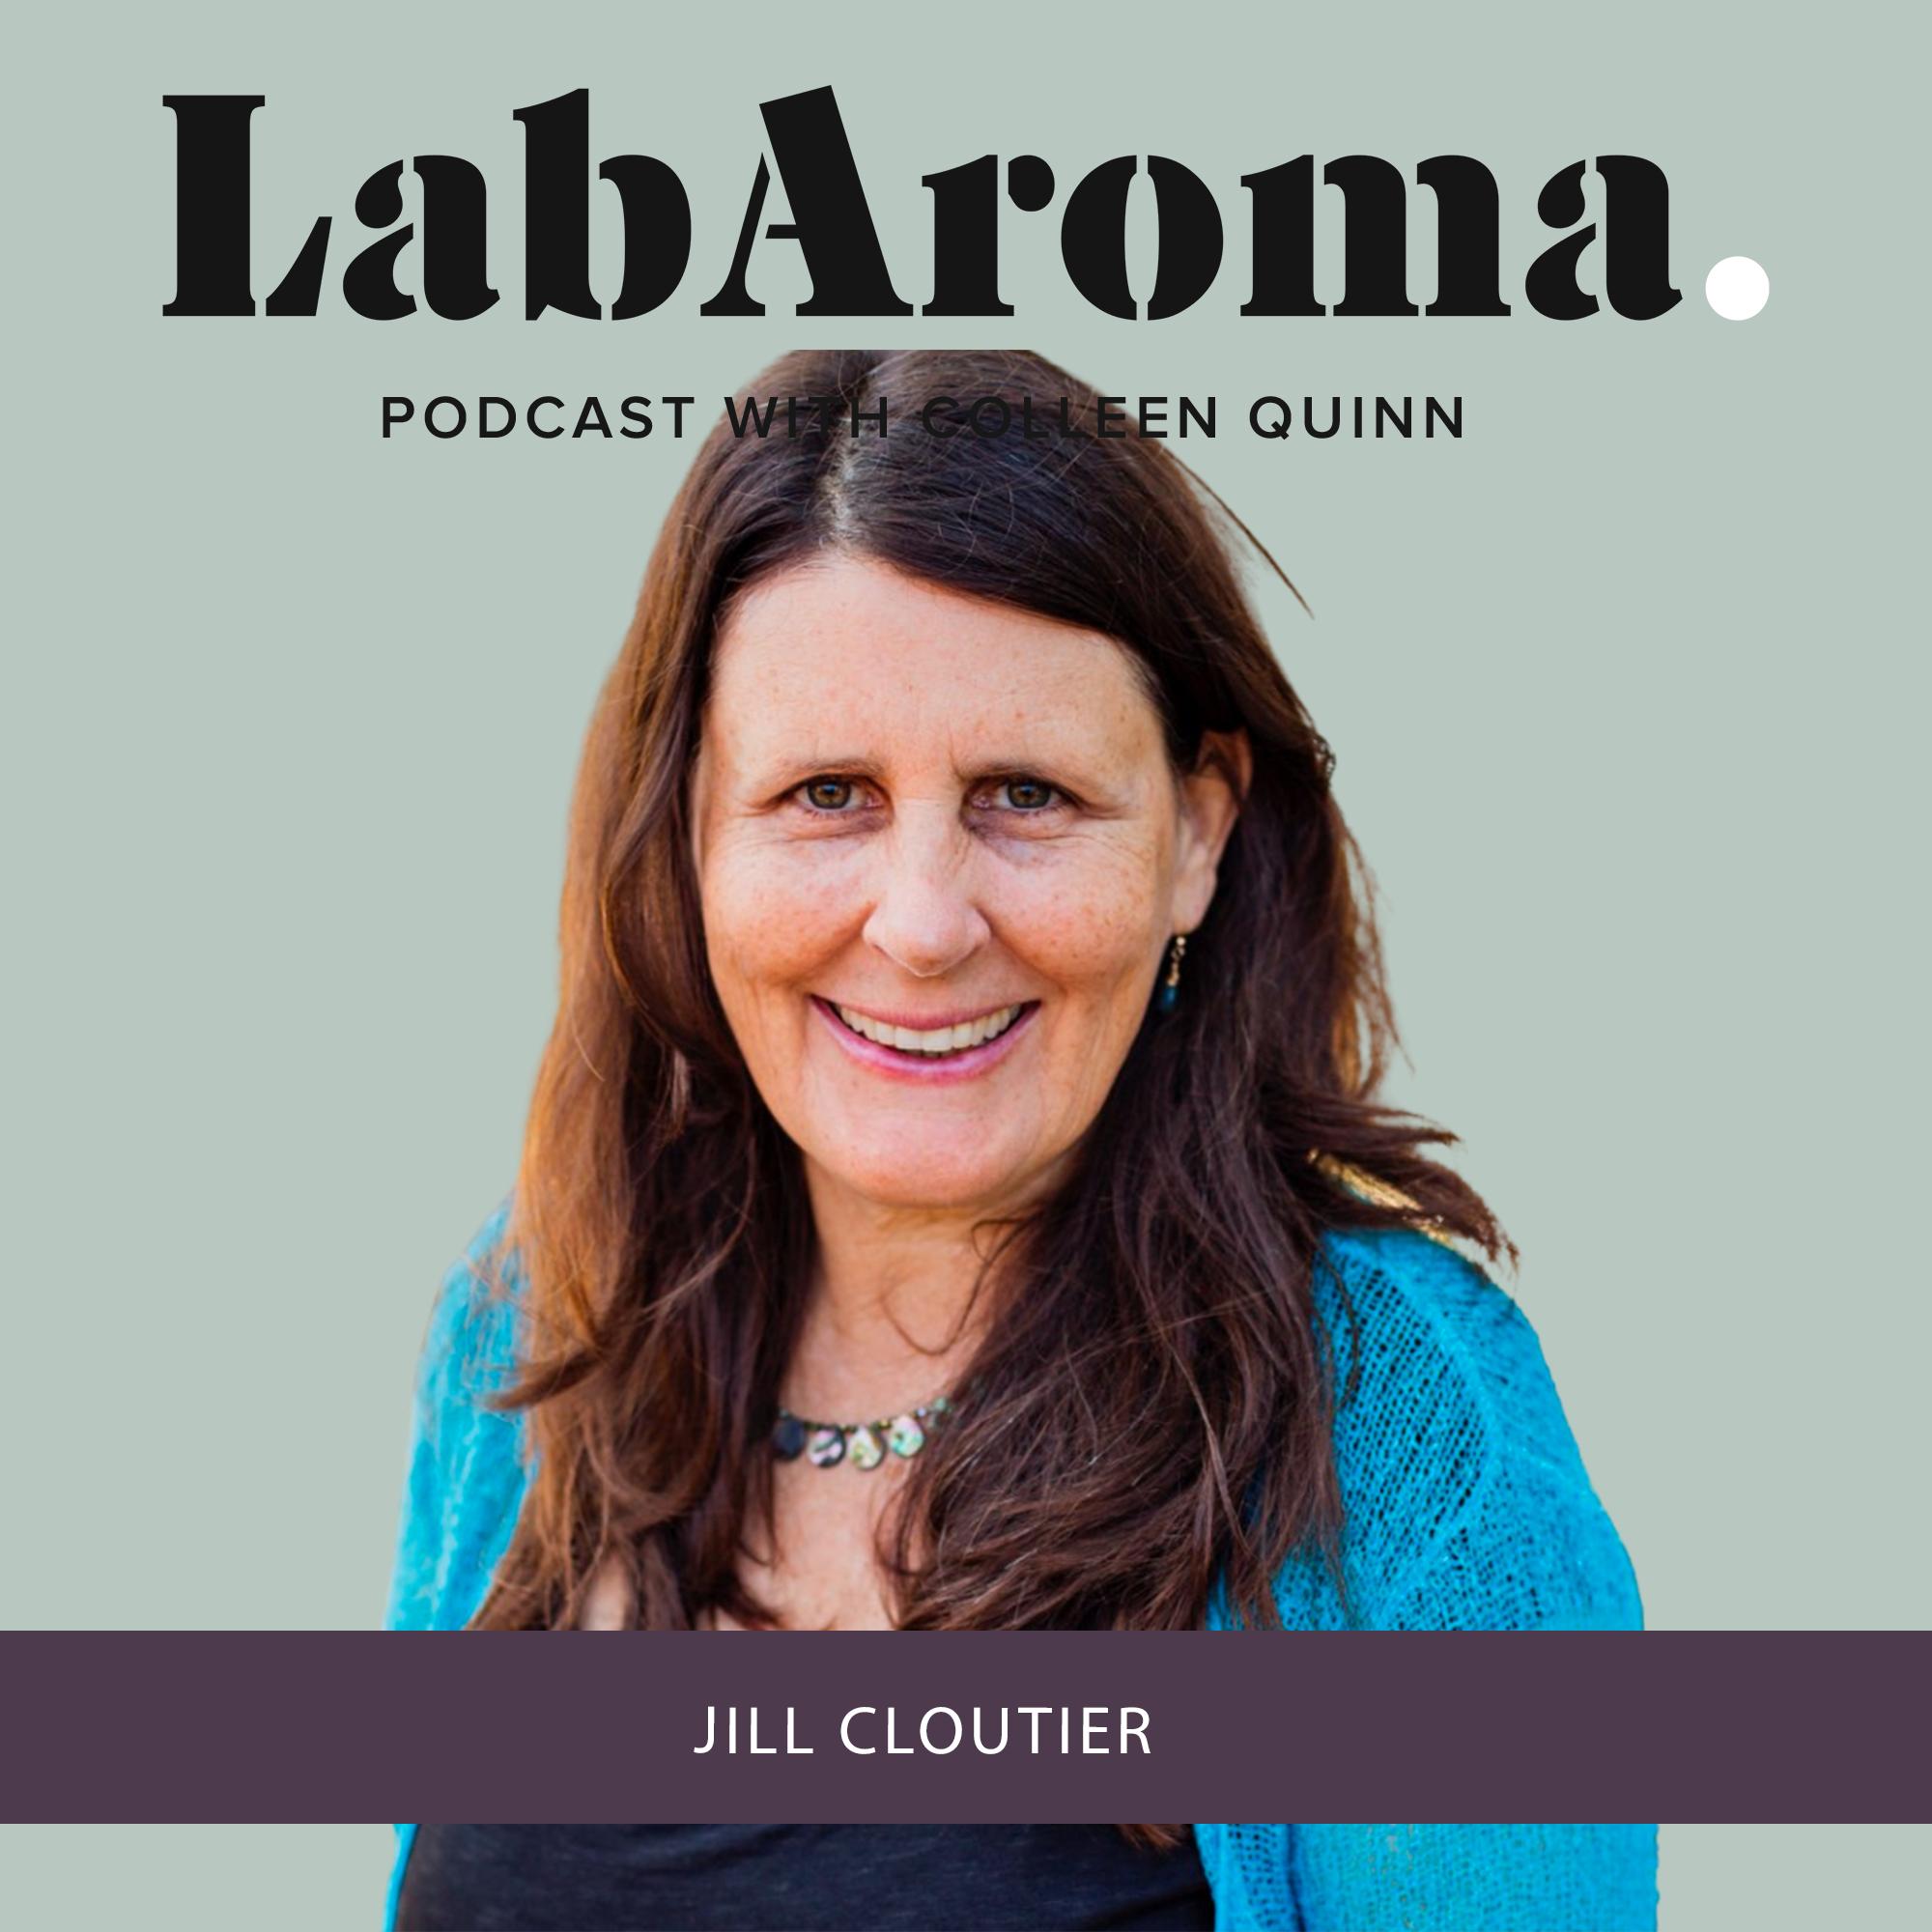 Jill Cloutier